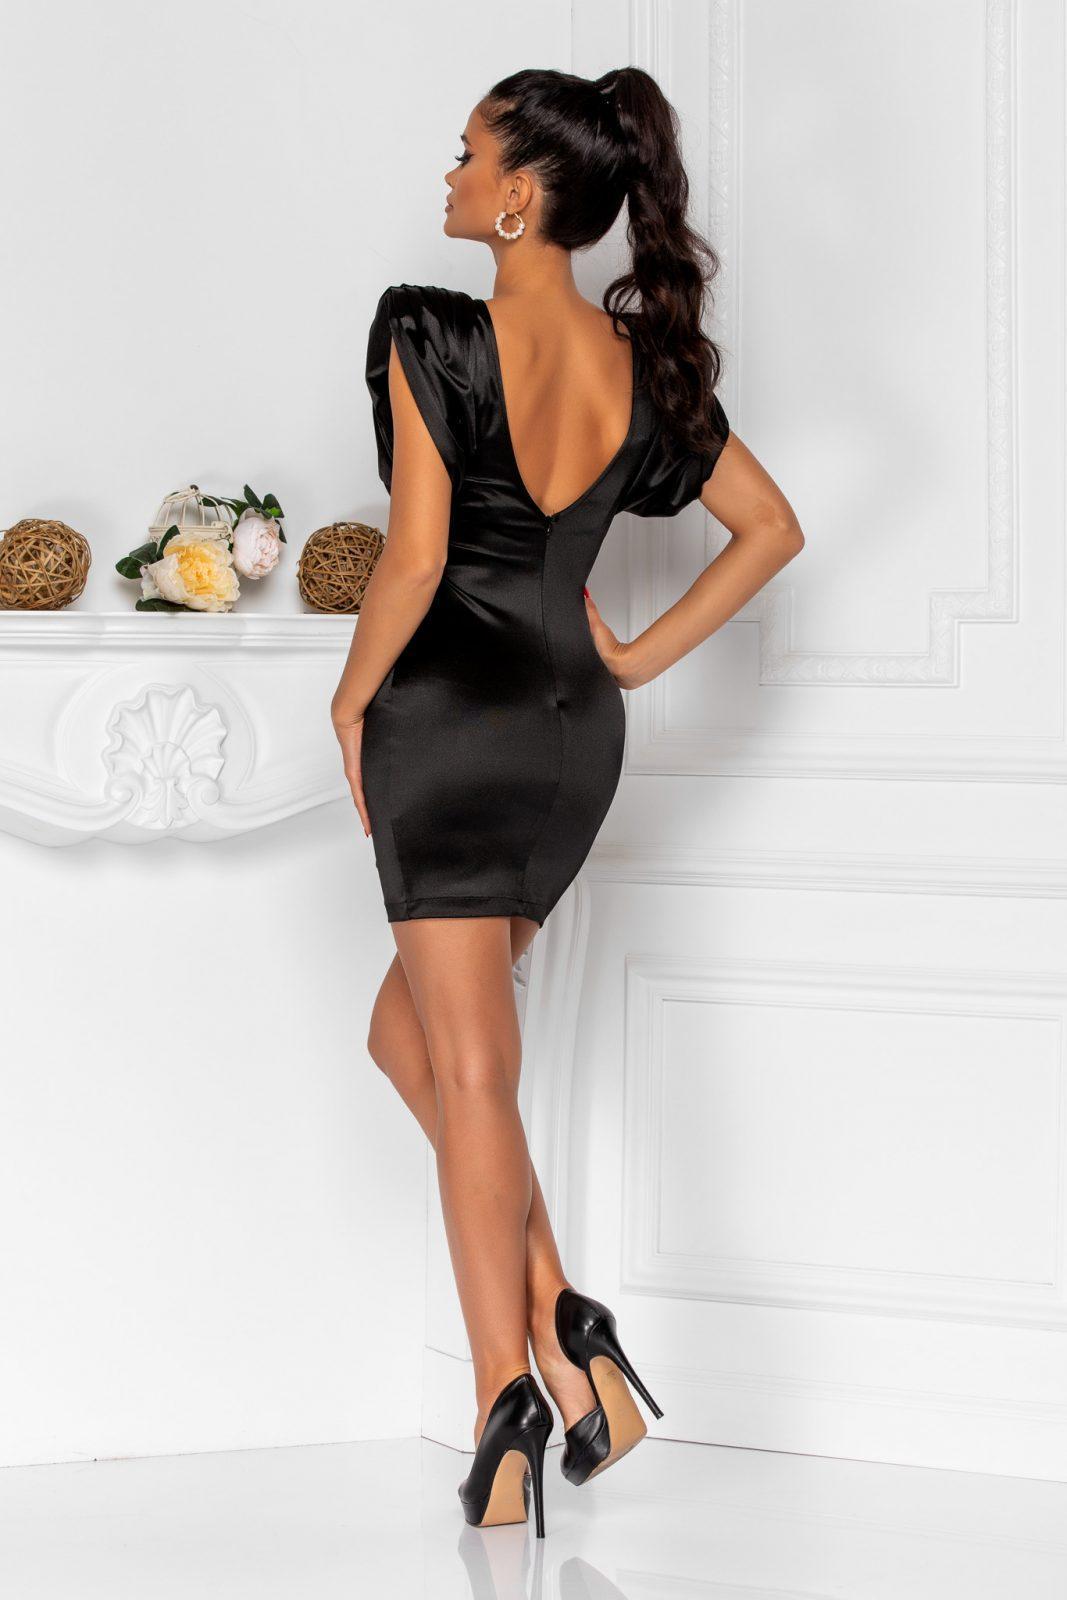 Μίνι Μαύρο Φόρεμα Με Βάτες Sensy 8375 1